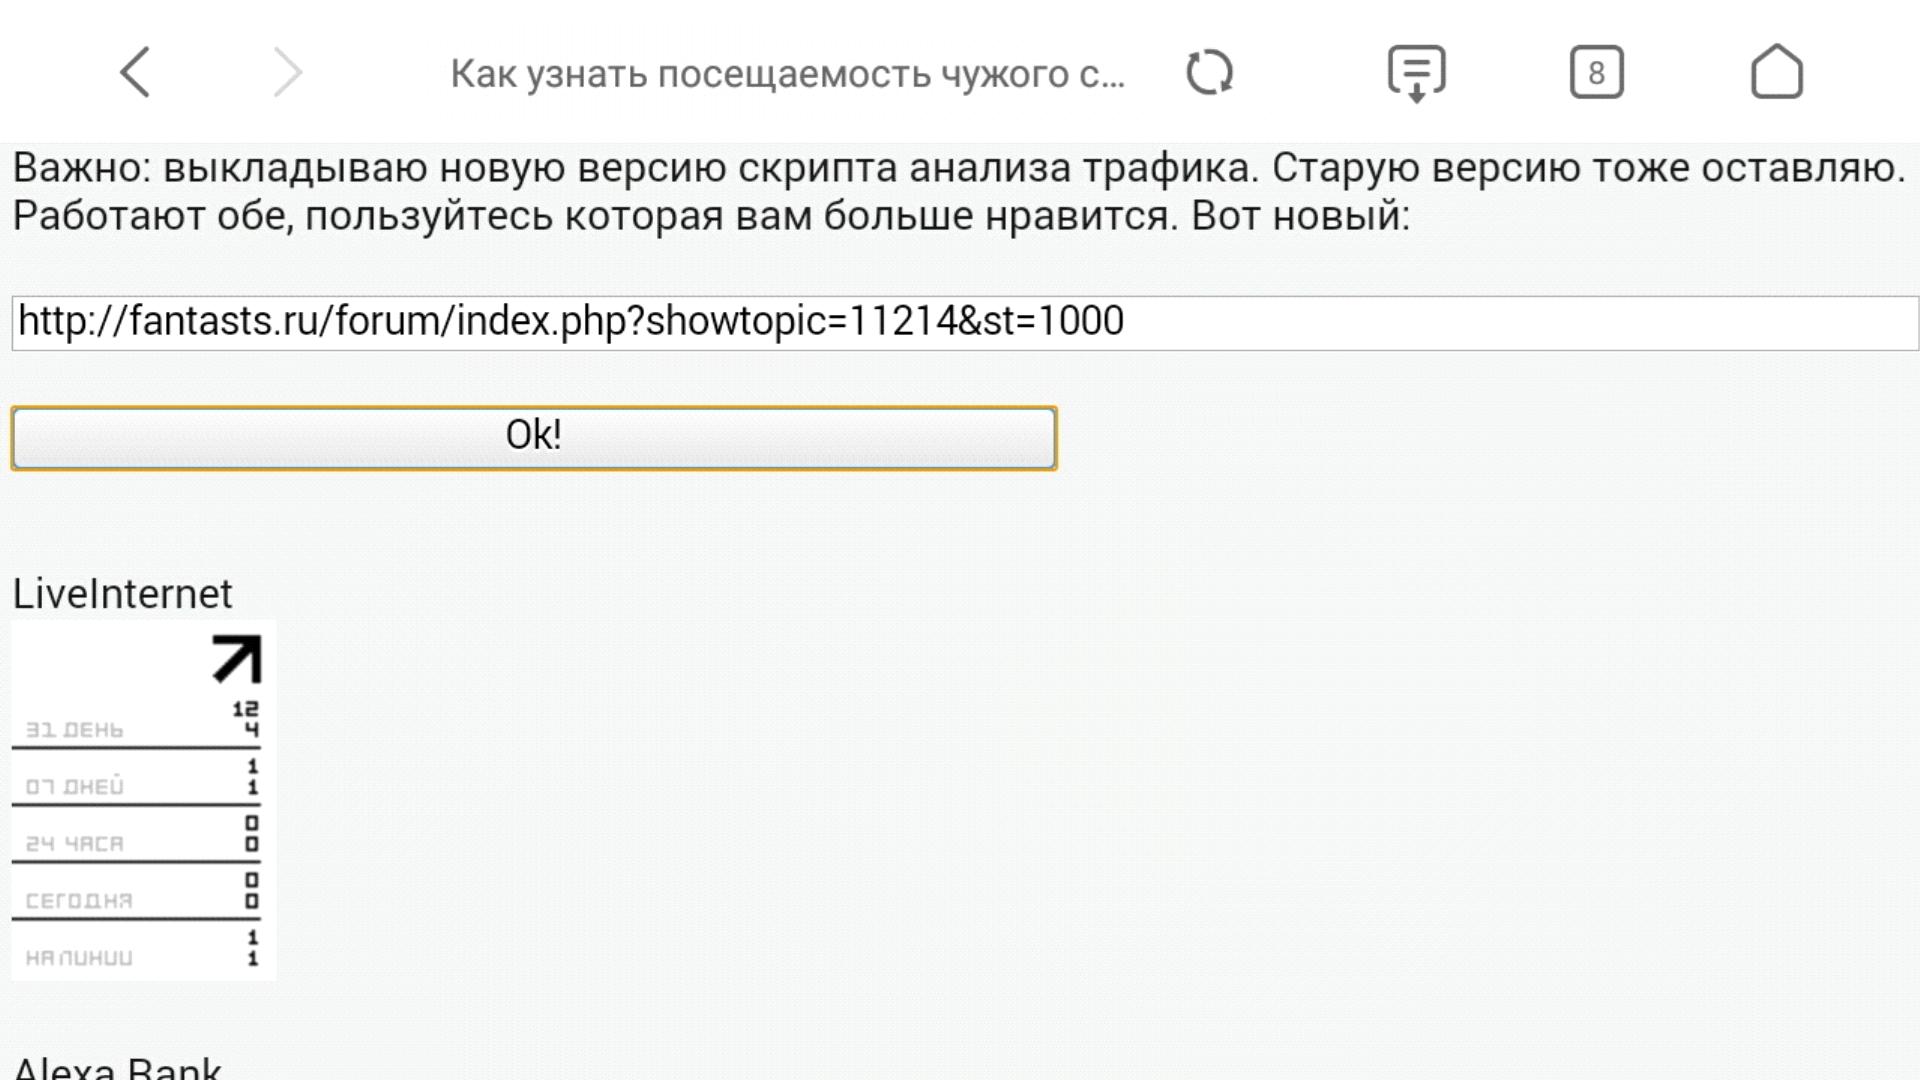 Рис. №16 Видно, что ресурс не предоставляет развернутые данные о посещениях